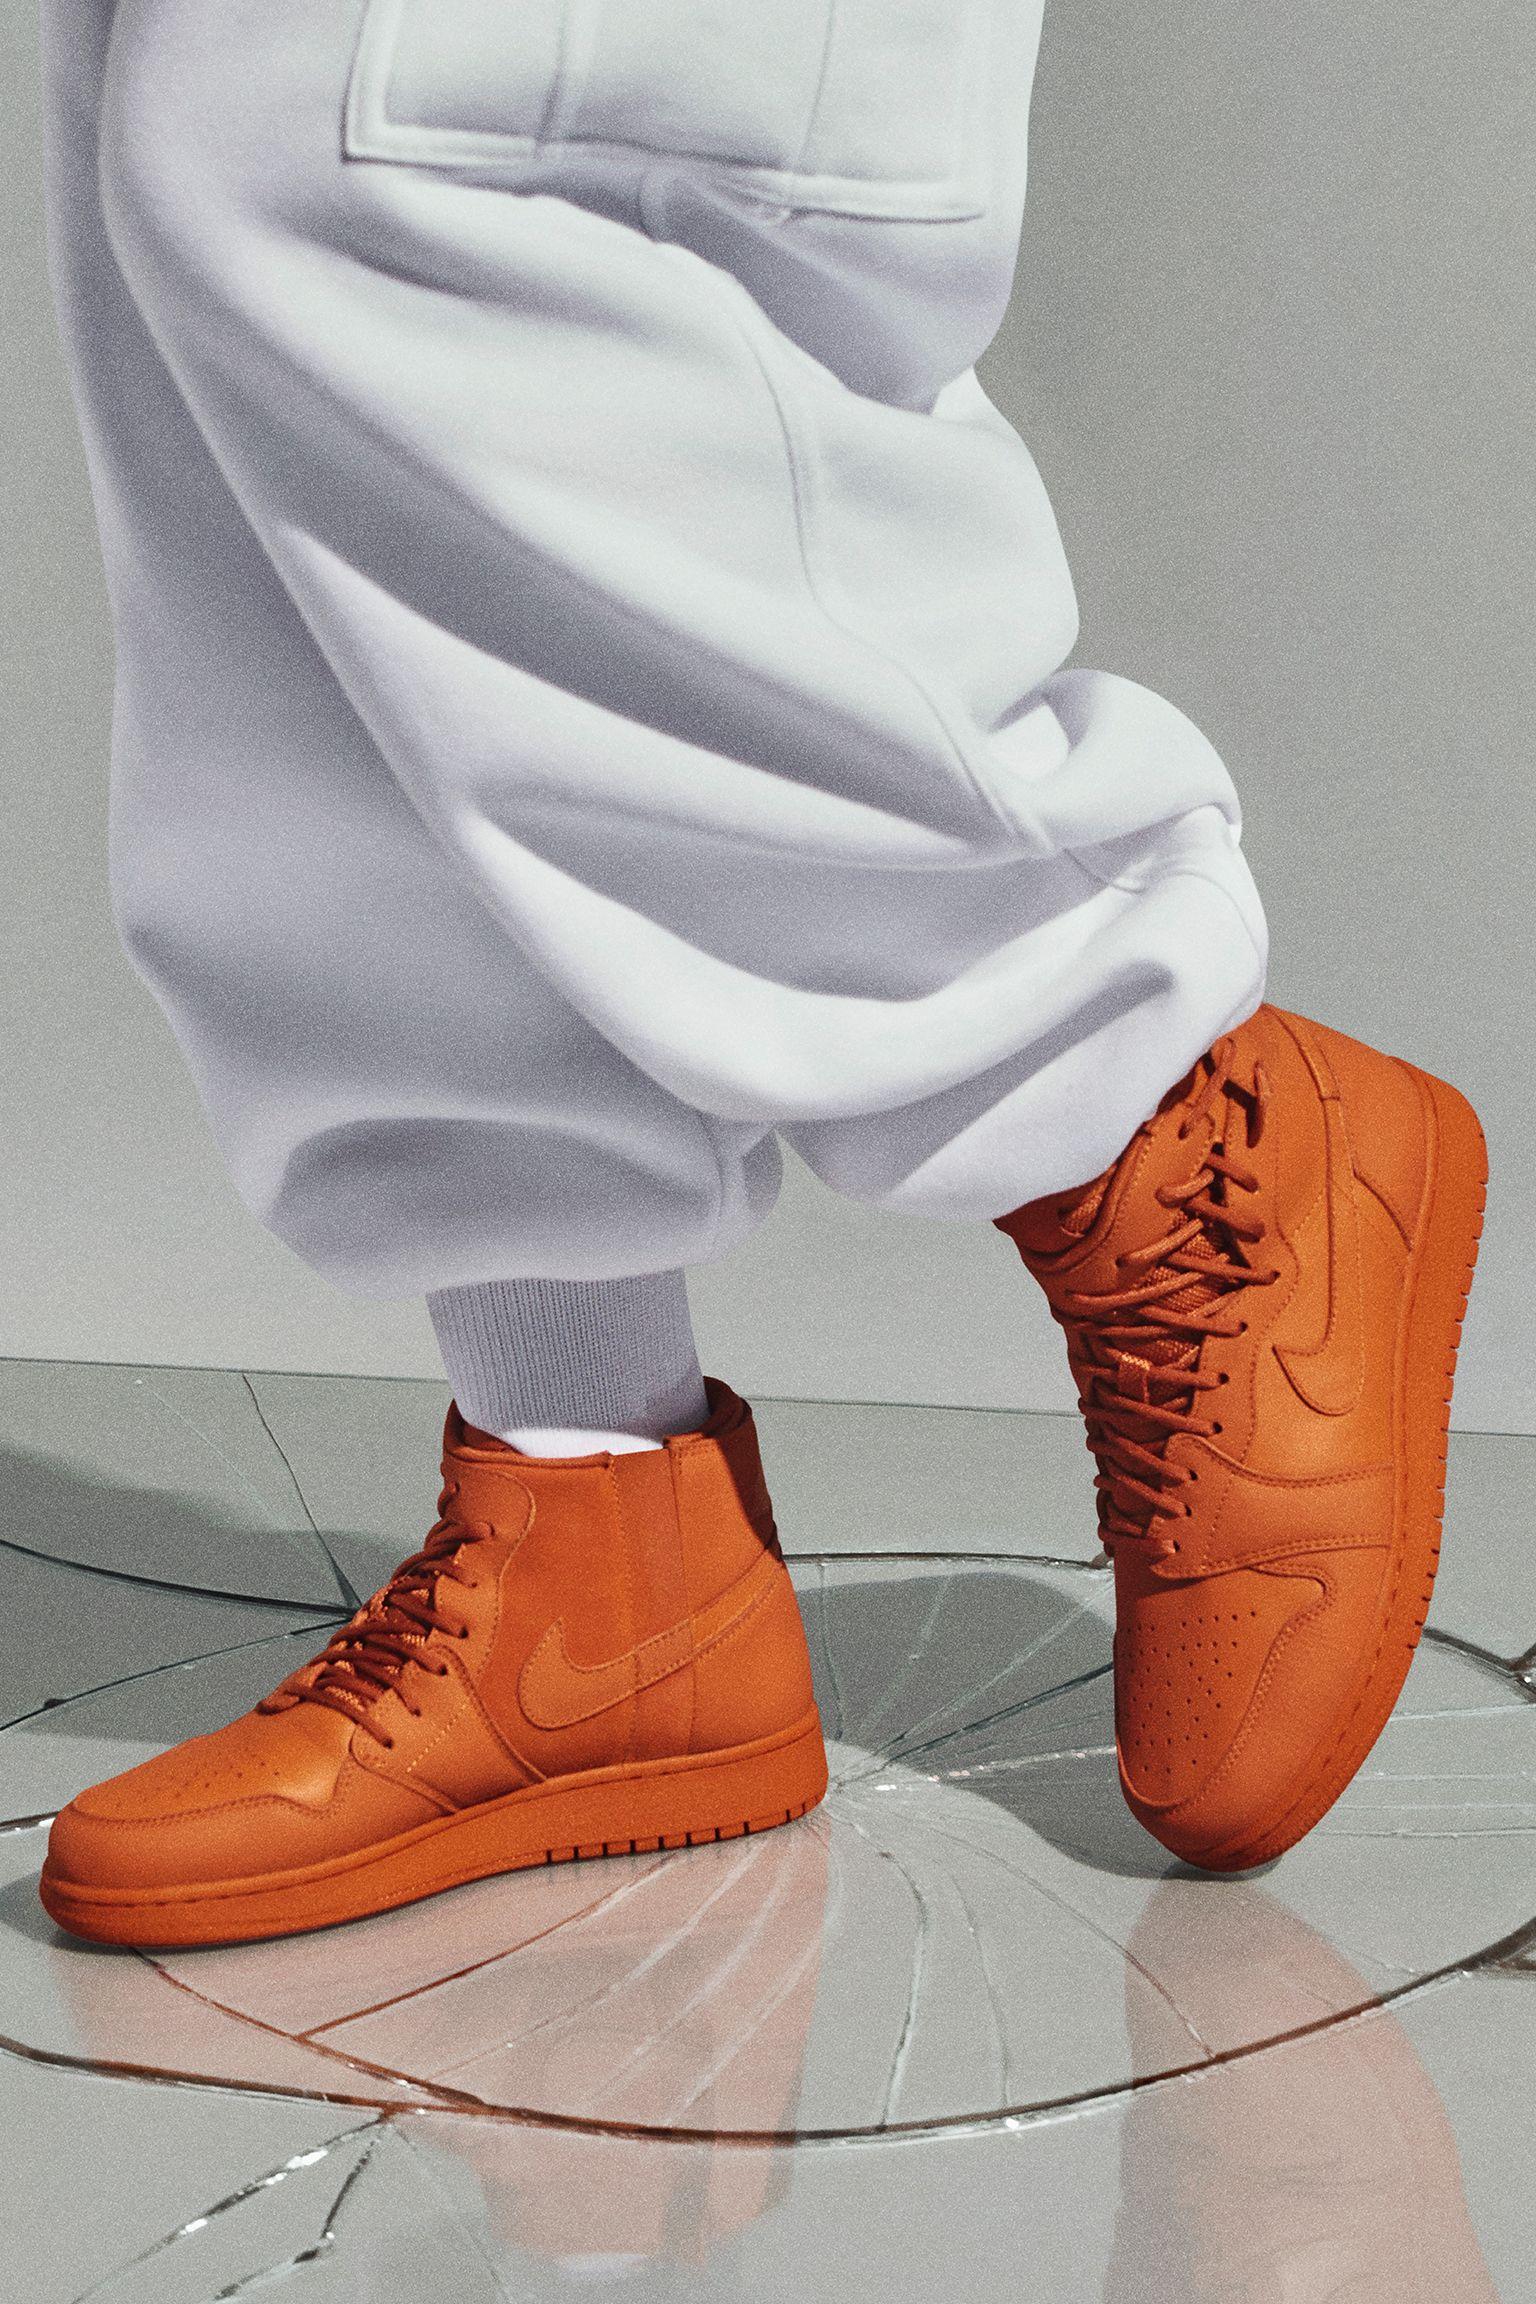 d5a01679368c6e 女款Nike Air Jordan 1 Rebel XX  Cinder Orange  发布日期. CN